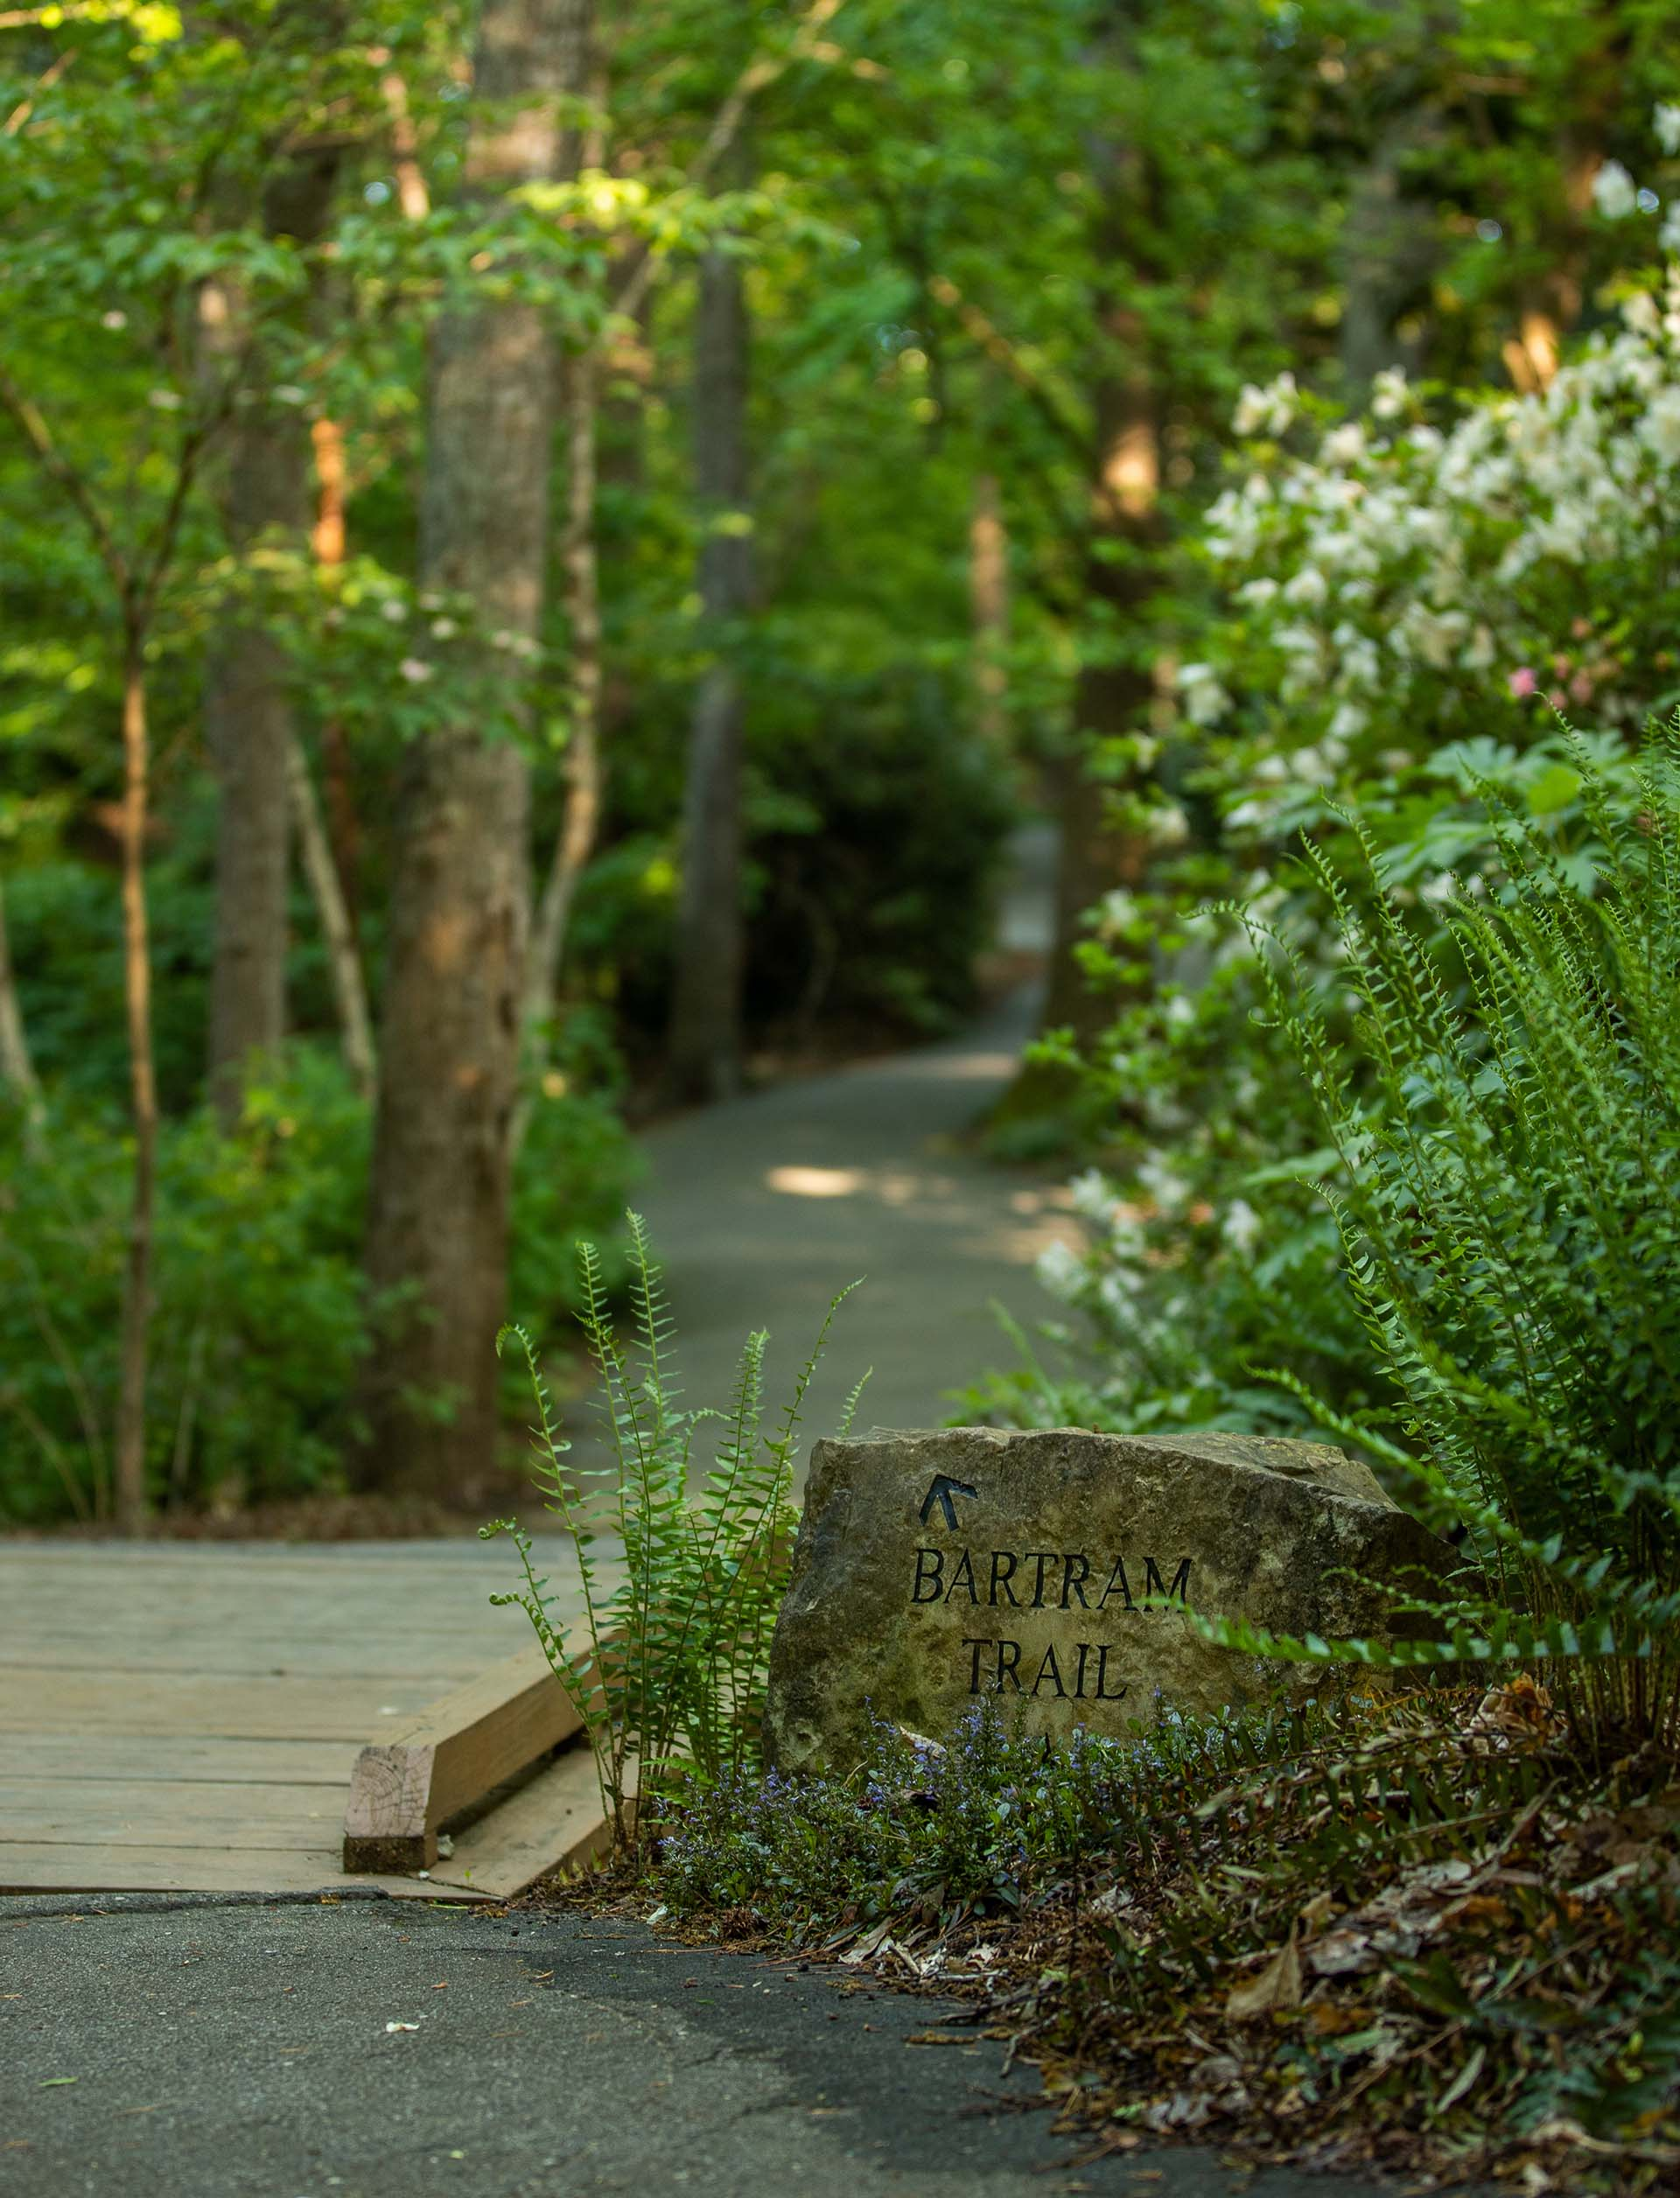 Bartram Trail Marker 2.jpg